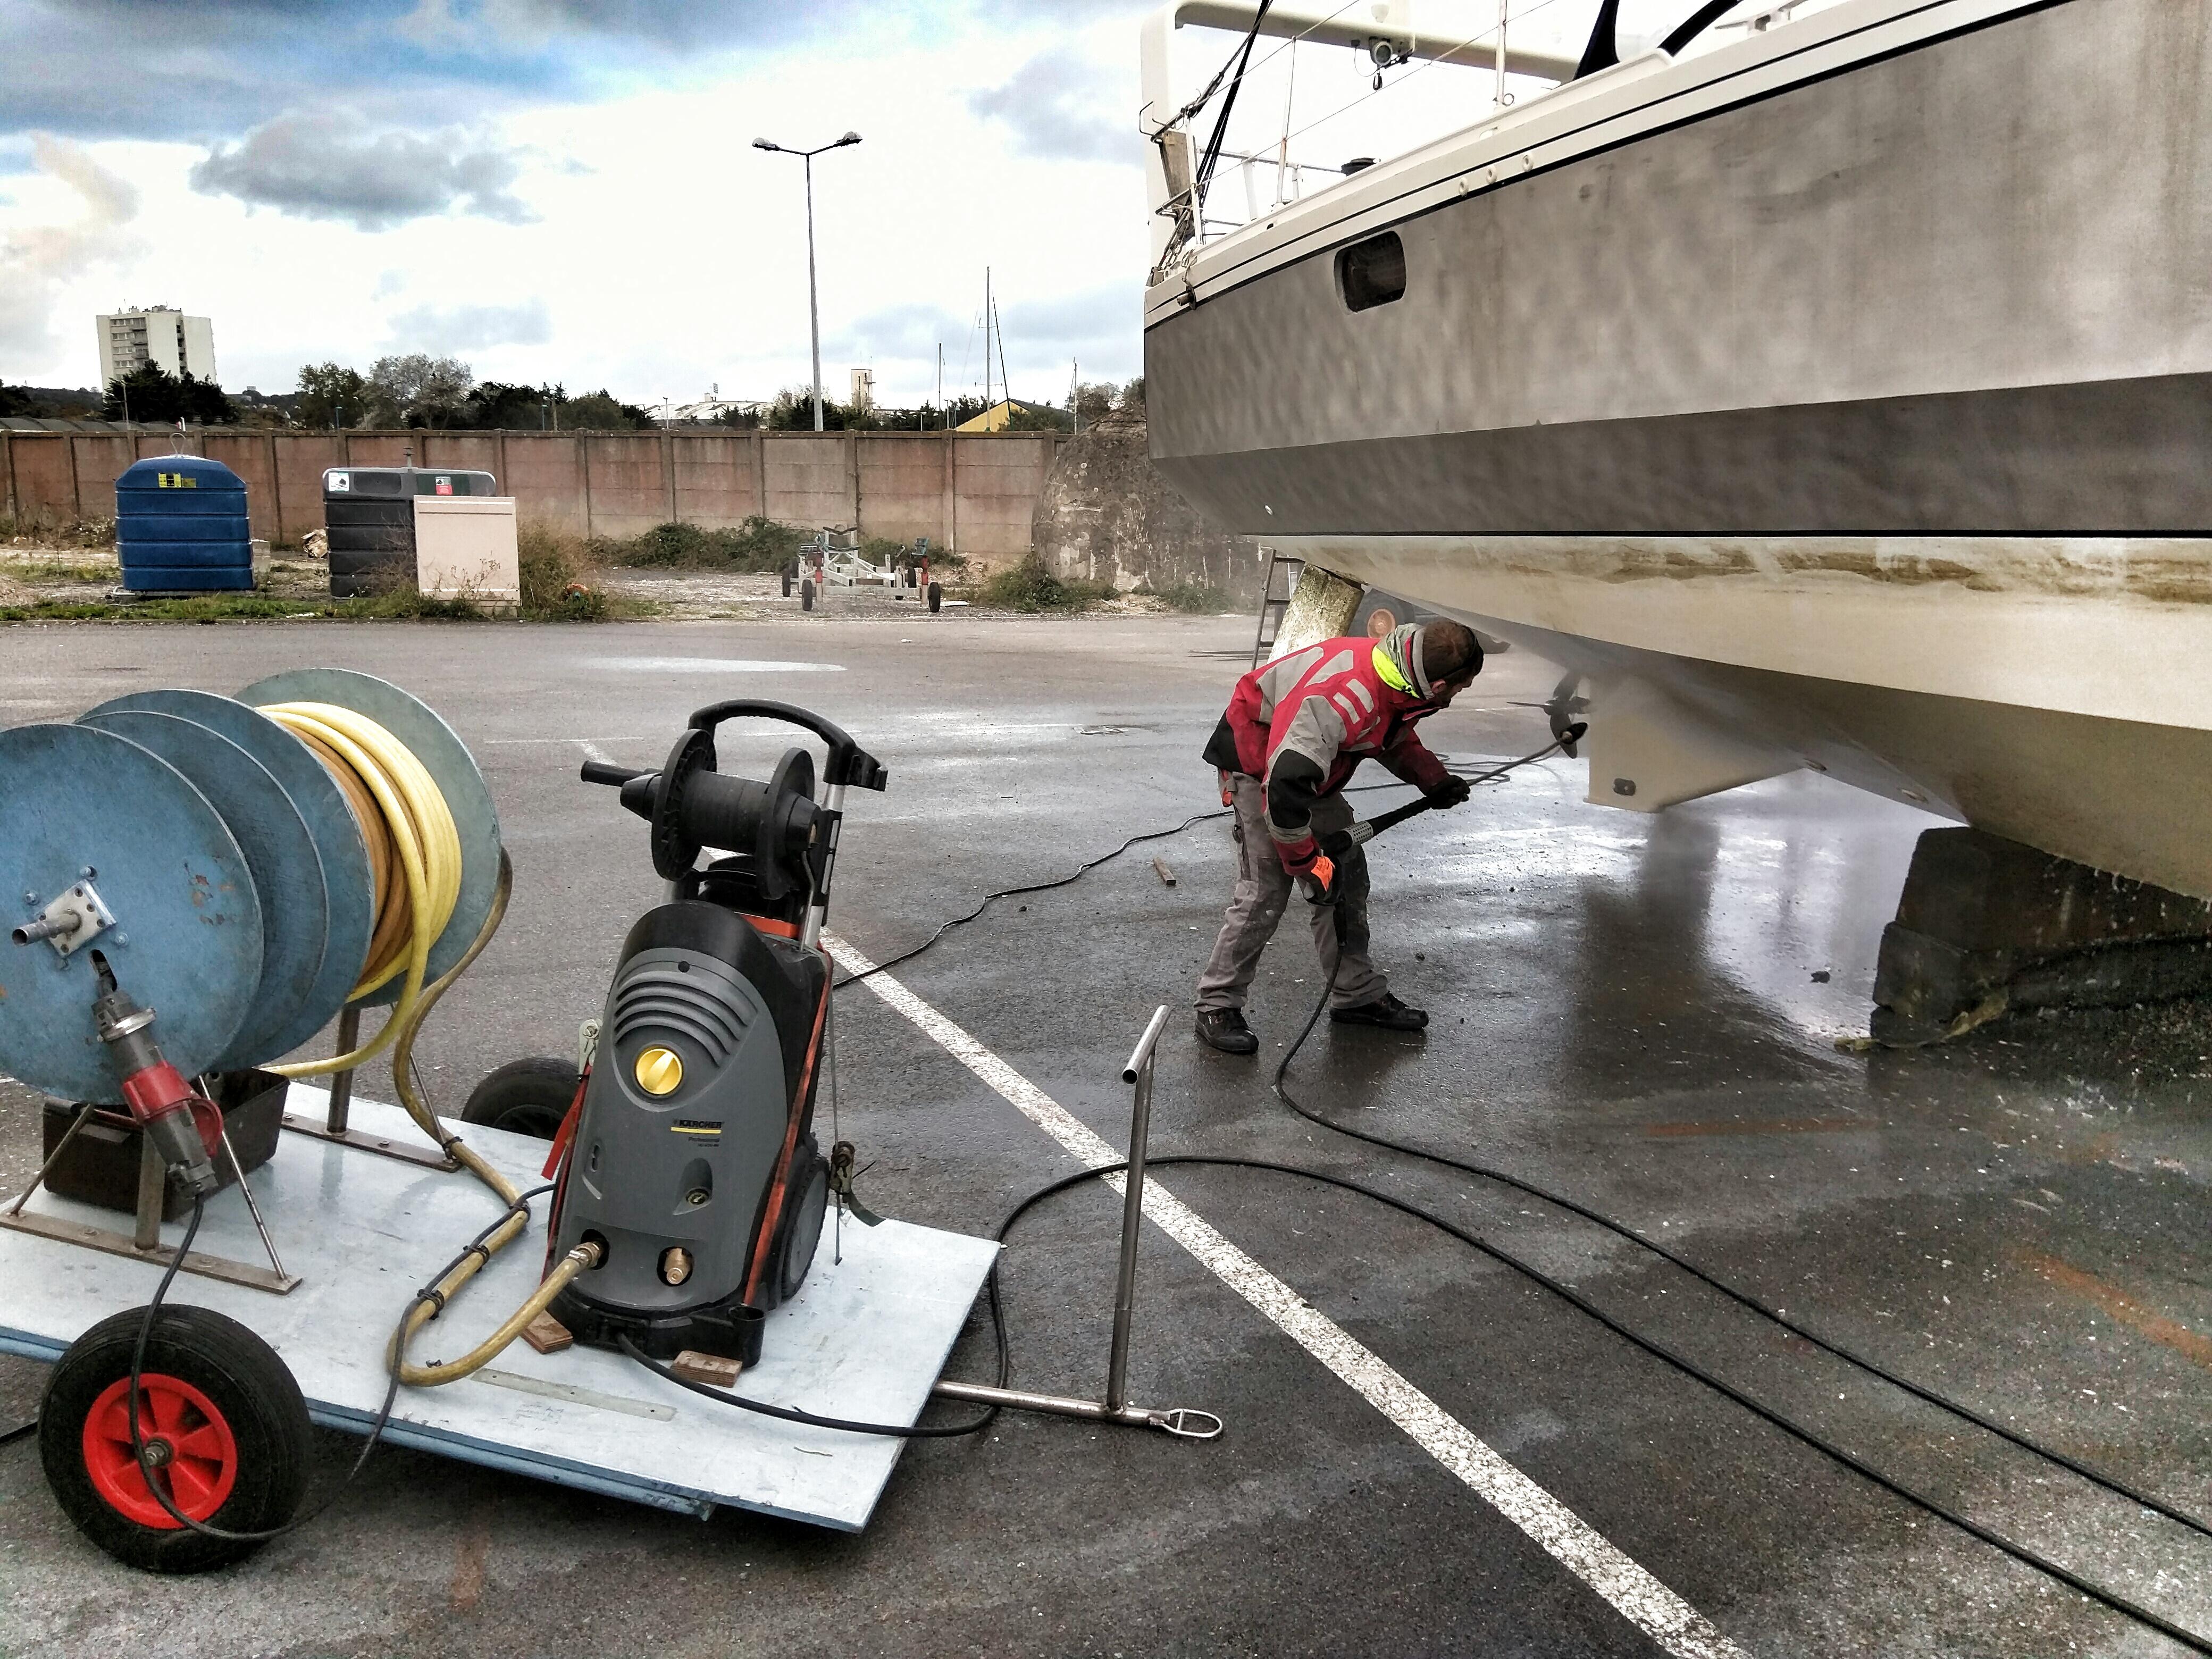 Aries Vente Location Gestion De Bateaux En Manche Chantier Naval à - Peinture pour bateau aluminium